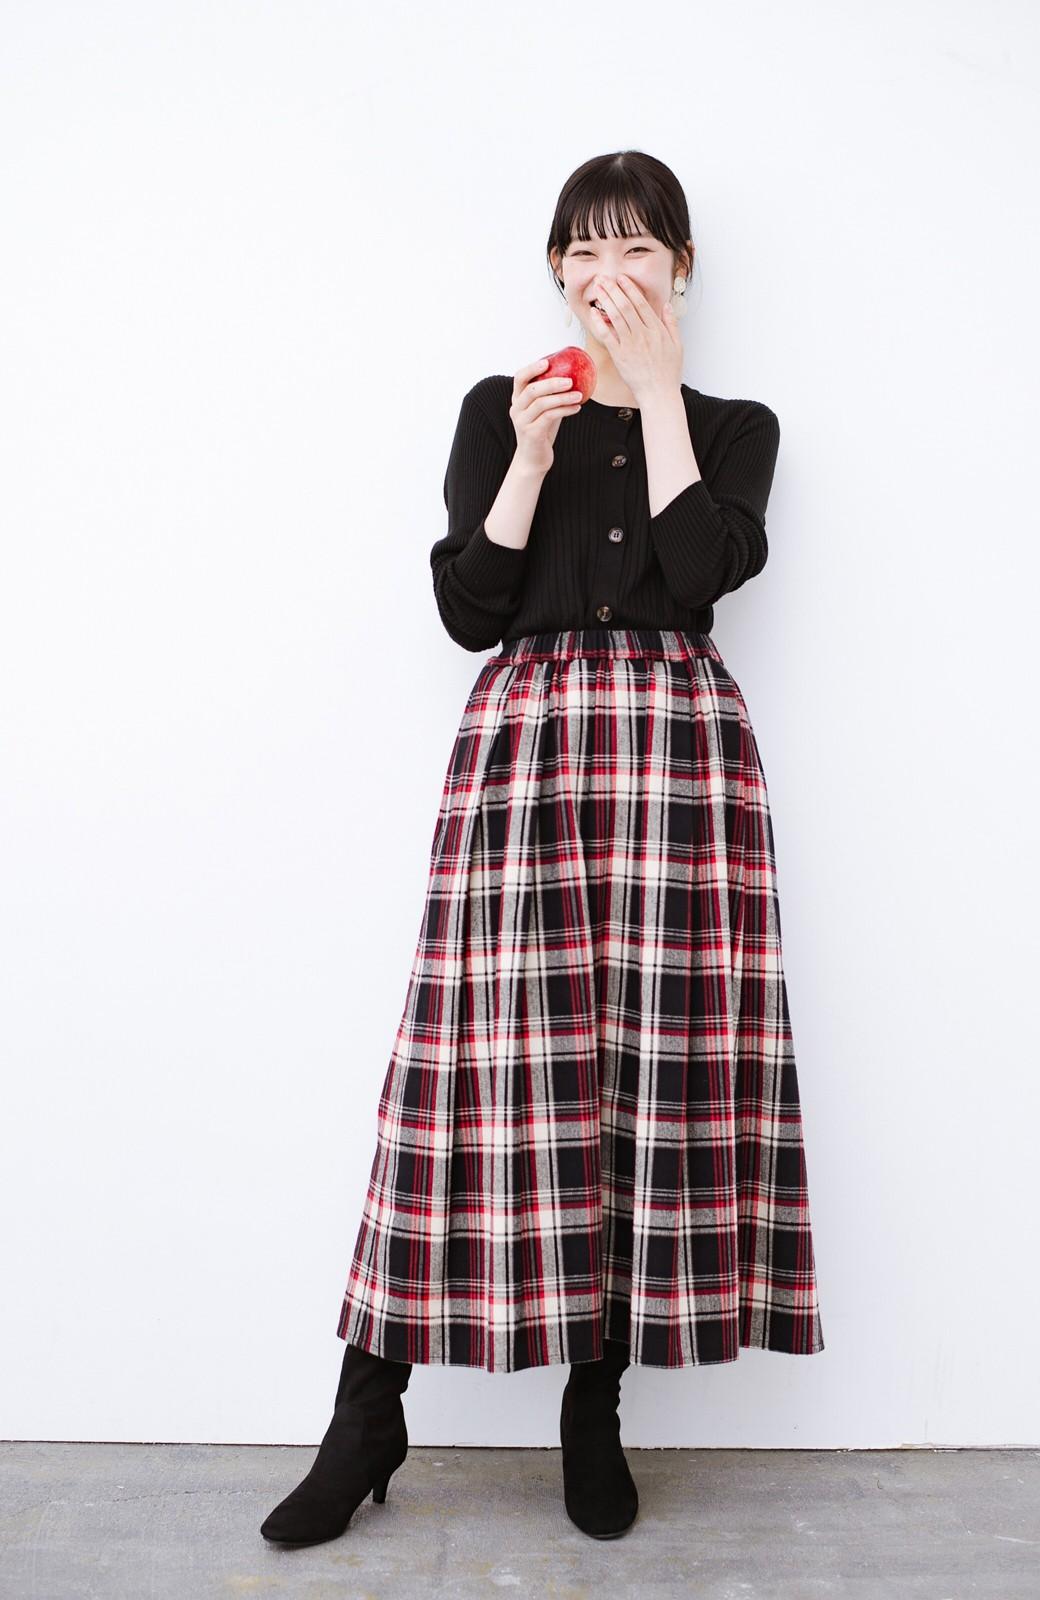 haco! デニムにもスカートにも似合う!すぽっと履けてスタイルアップが叶う女っぽフェイクスエードブーツ <ブラック>の商品写真13